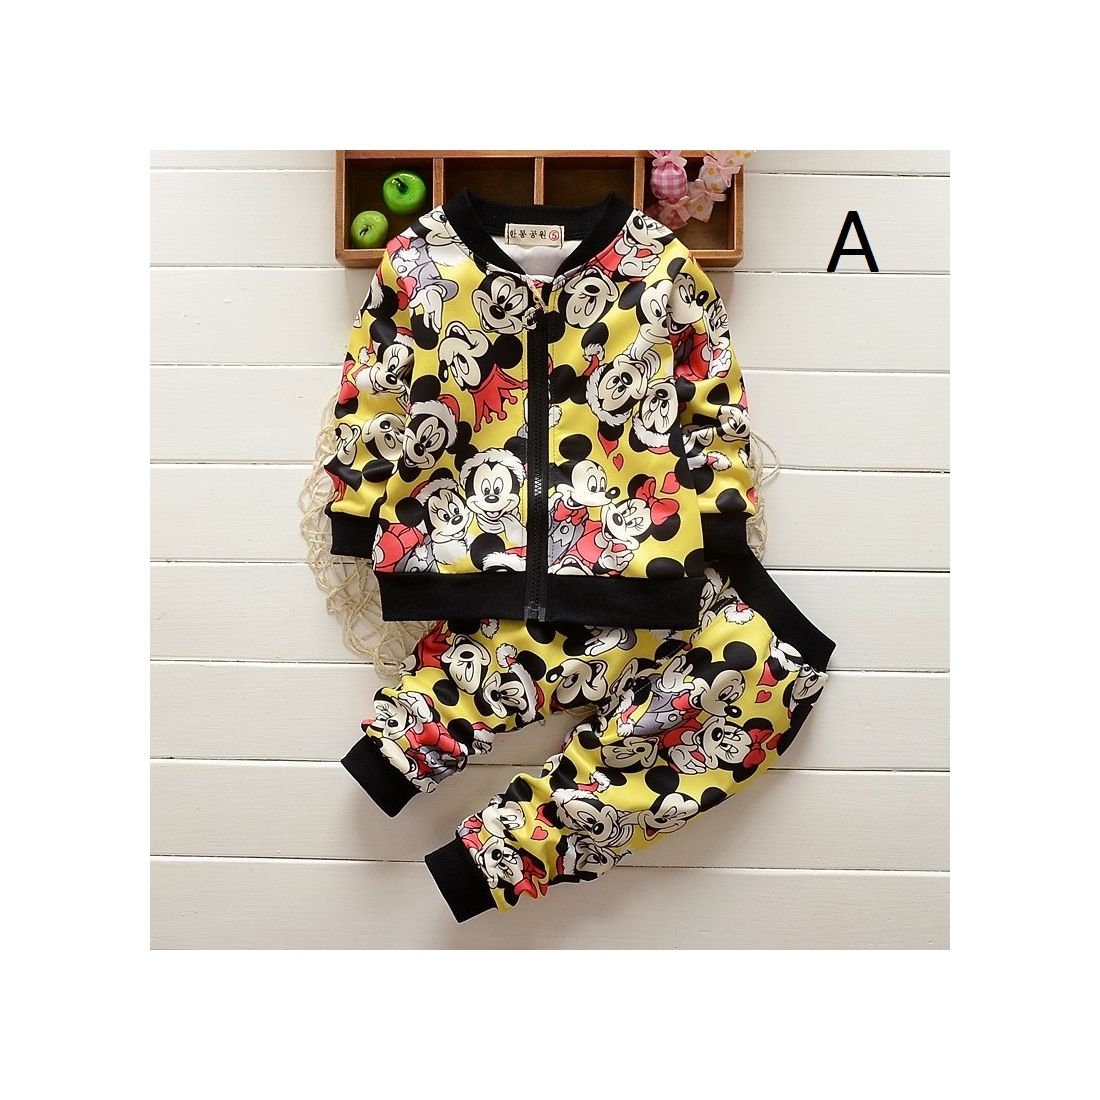 417849ce0eb7 Dárky od Nikolky - Dětské oblečení - skladem - Minnie Mouse ...